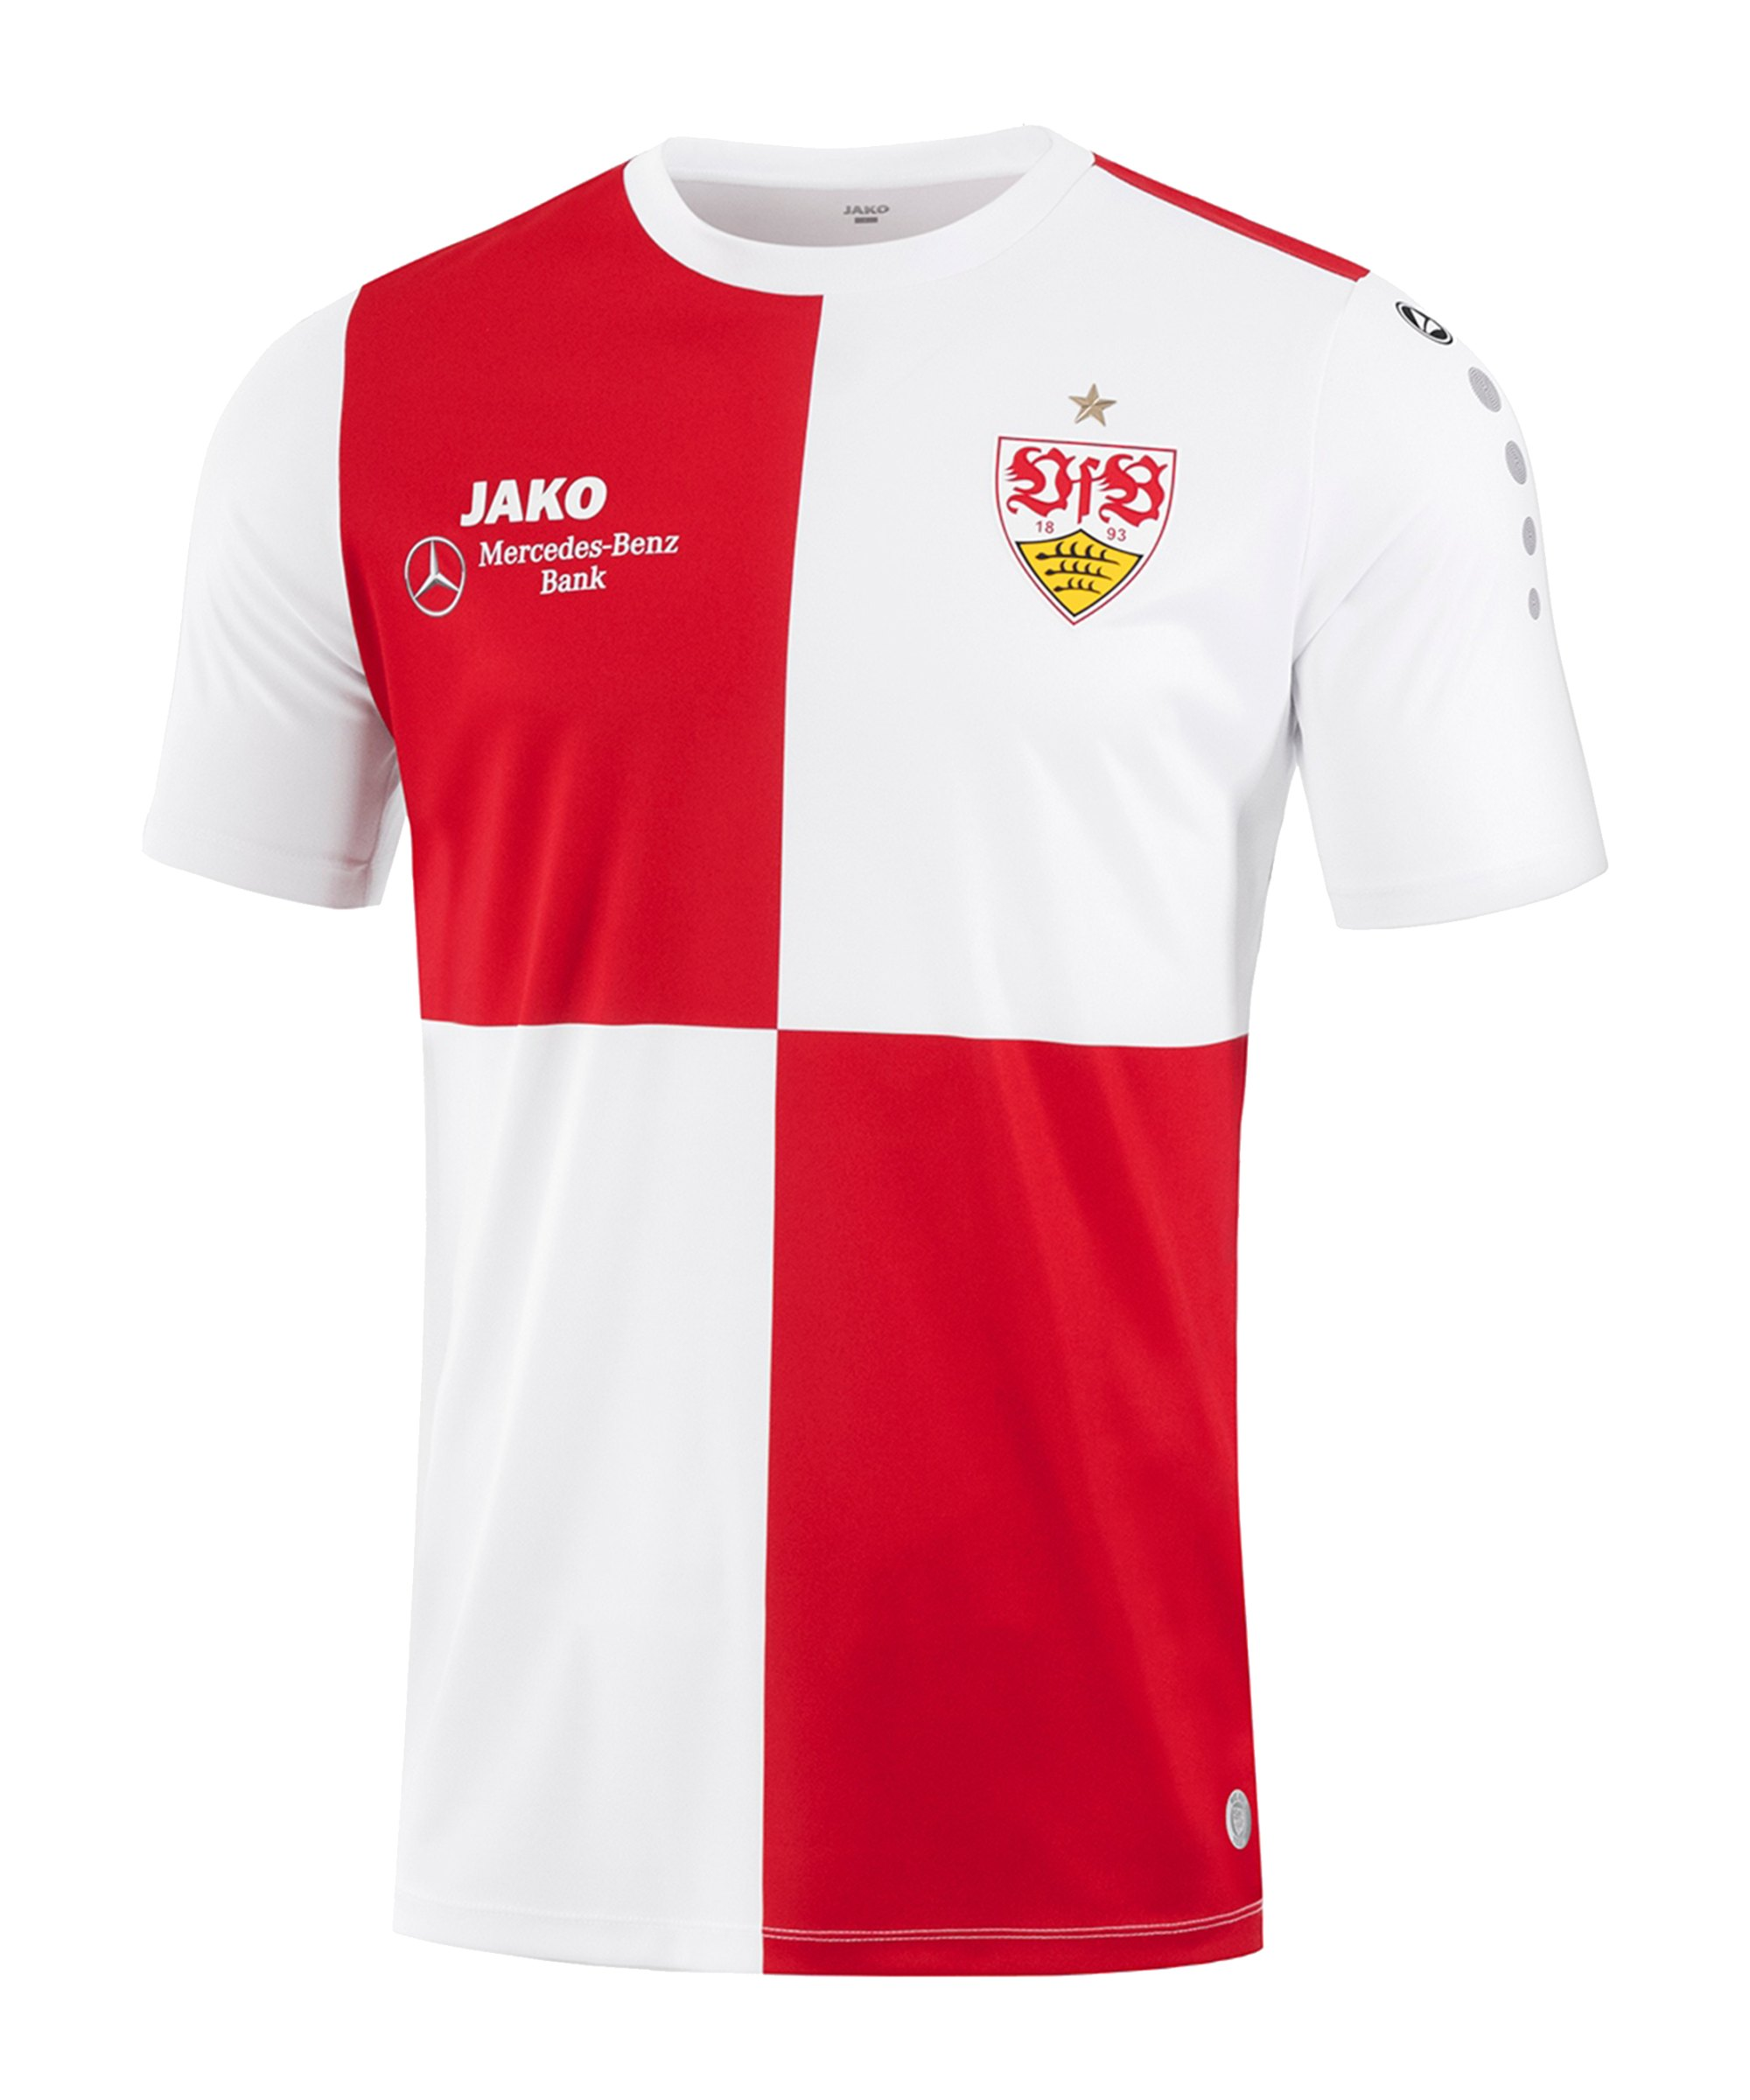 JAKO VfB Stuttgart Warm-Up T-Shirt 2021/2022 Kids Weiss Rot F11 - weiss